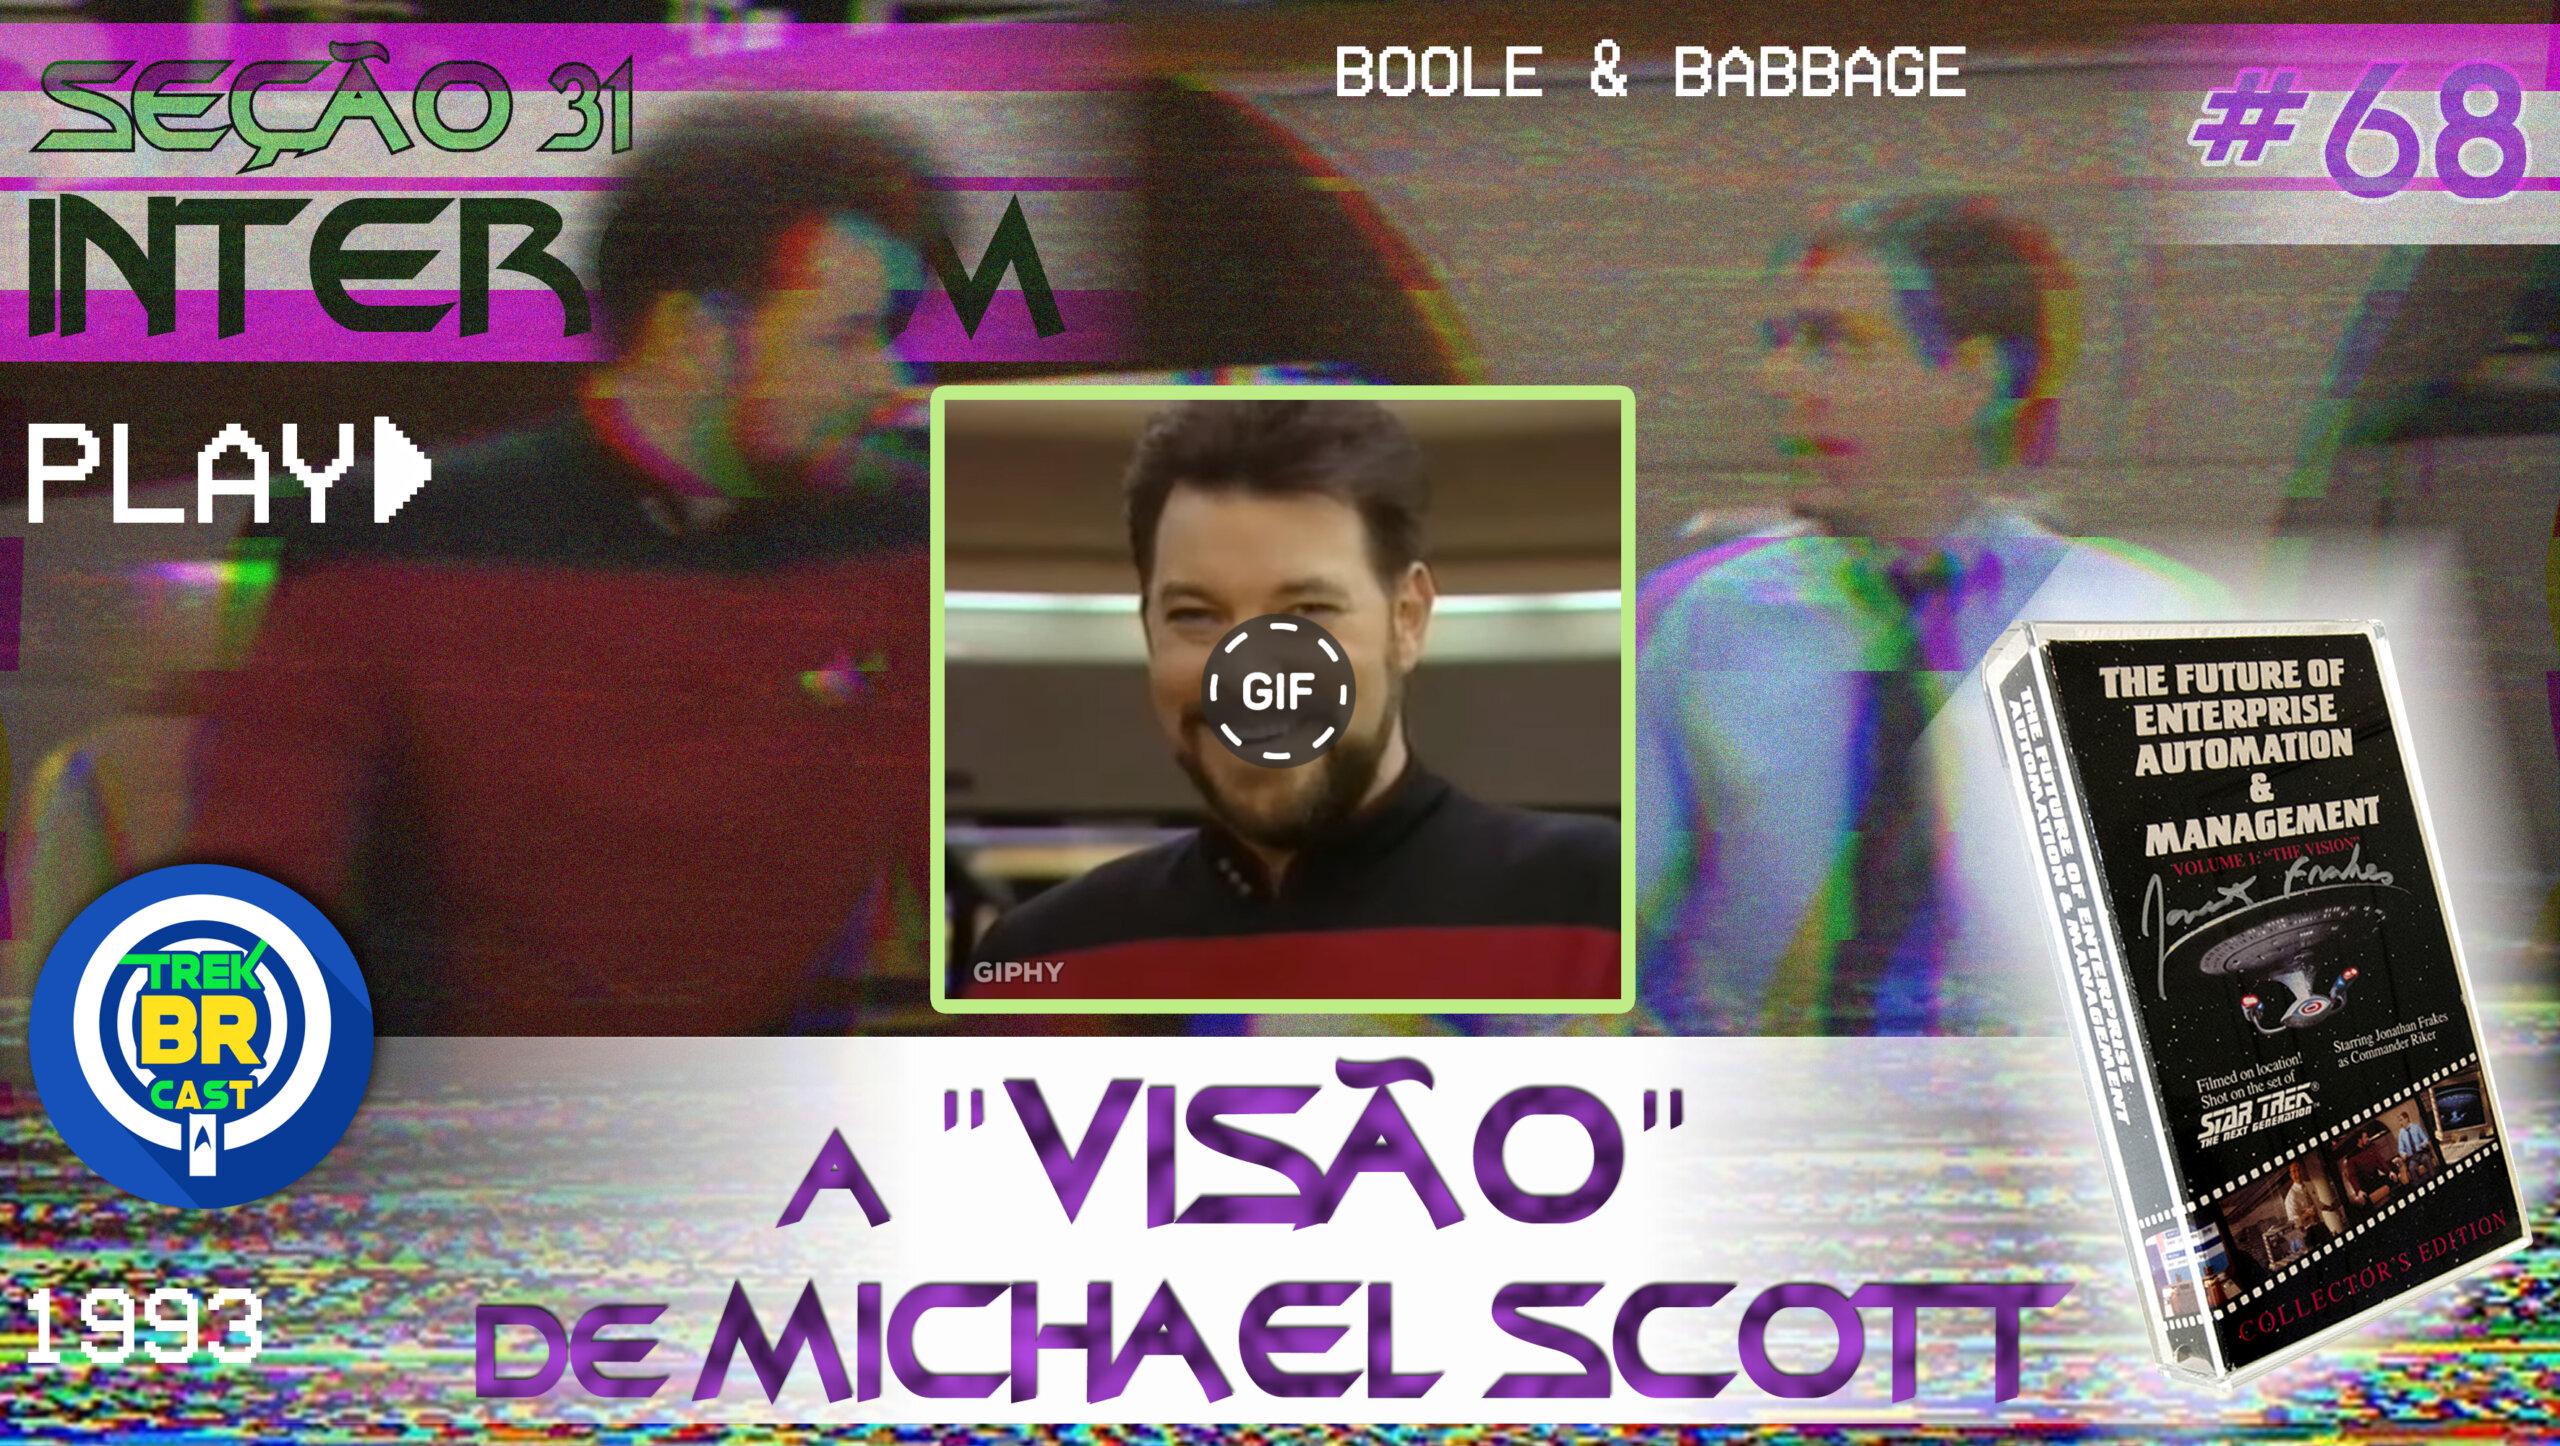 """SEÇÃO 31 Intercom #68 – A """"VISÃO"""" de MICHAEL SCOTT"""